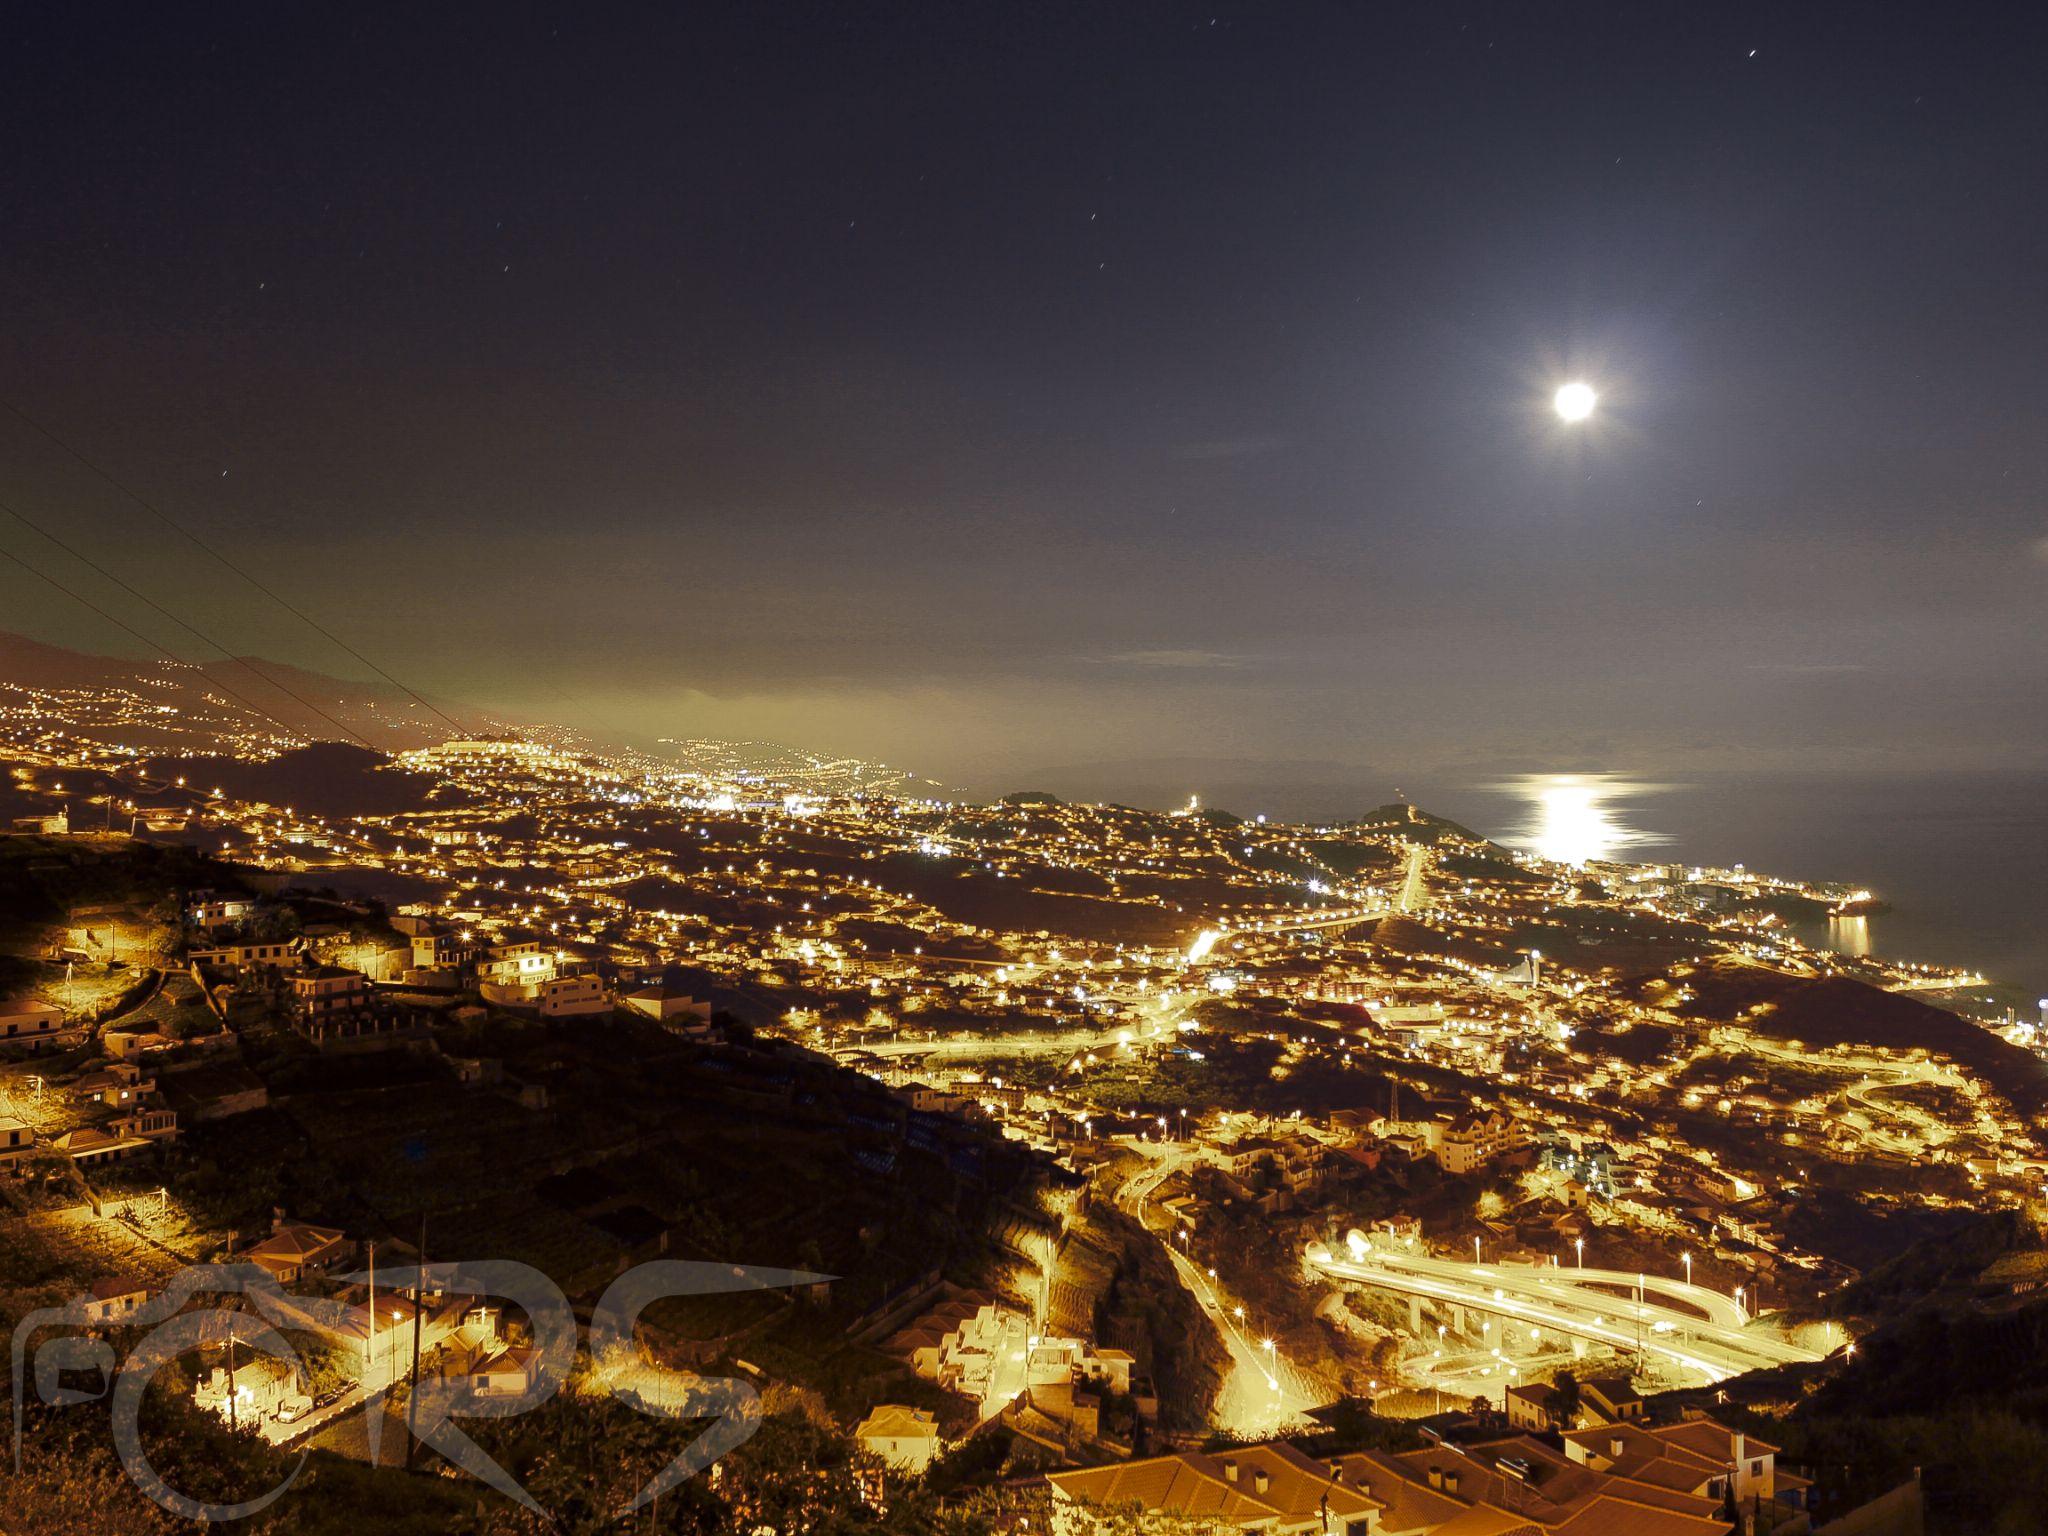 Moonlight in Câmara de Lobos by Ricardo Silva